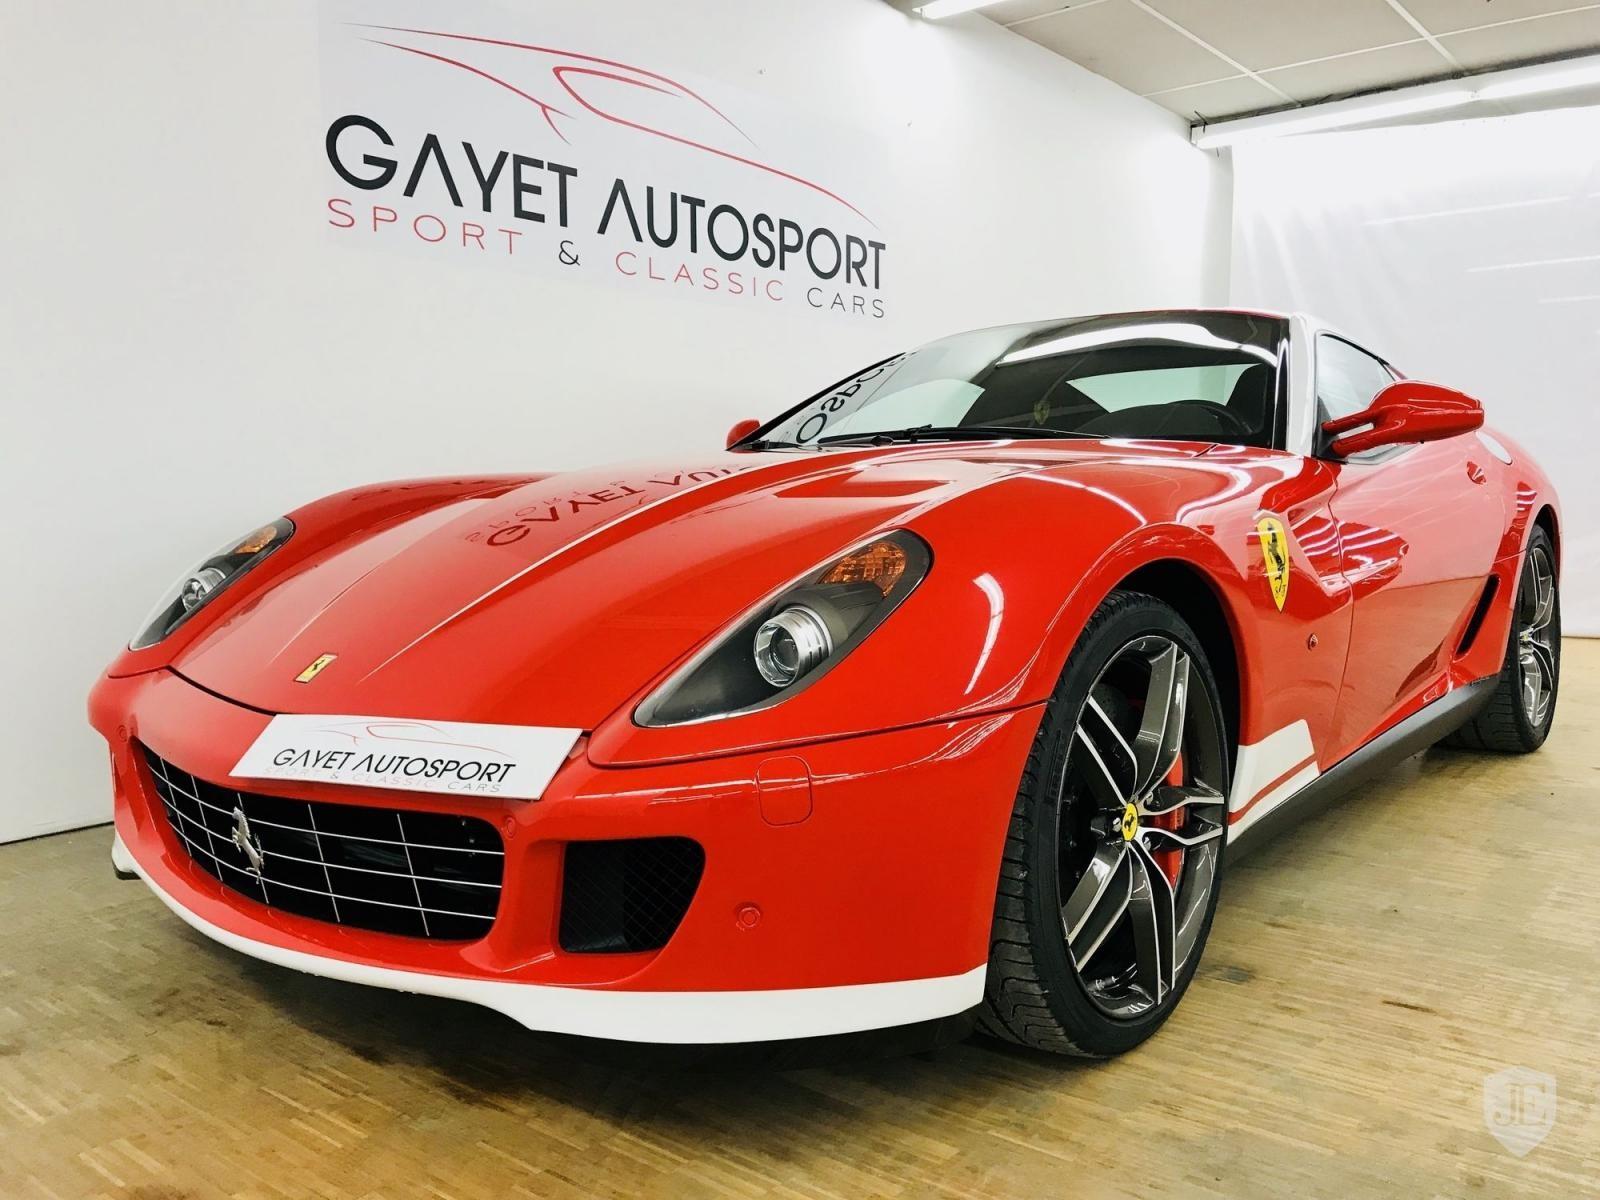 2 trong tổng số 40 chiếc Ferrari 599 GTB 60F1 được sản xuất trên toàn thế giới đang tìm chủ nhân mới